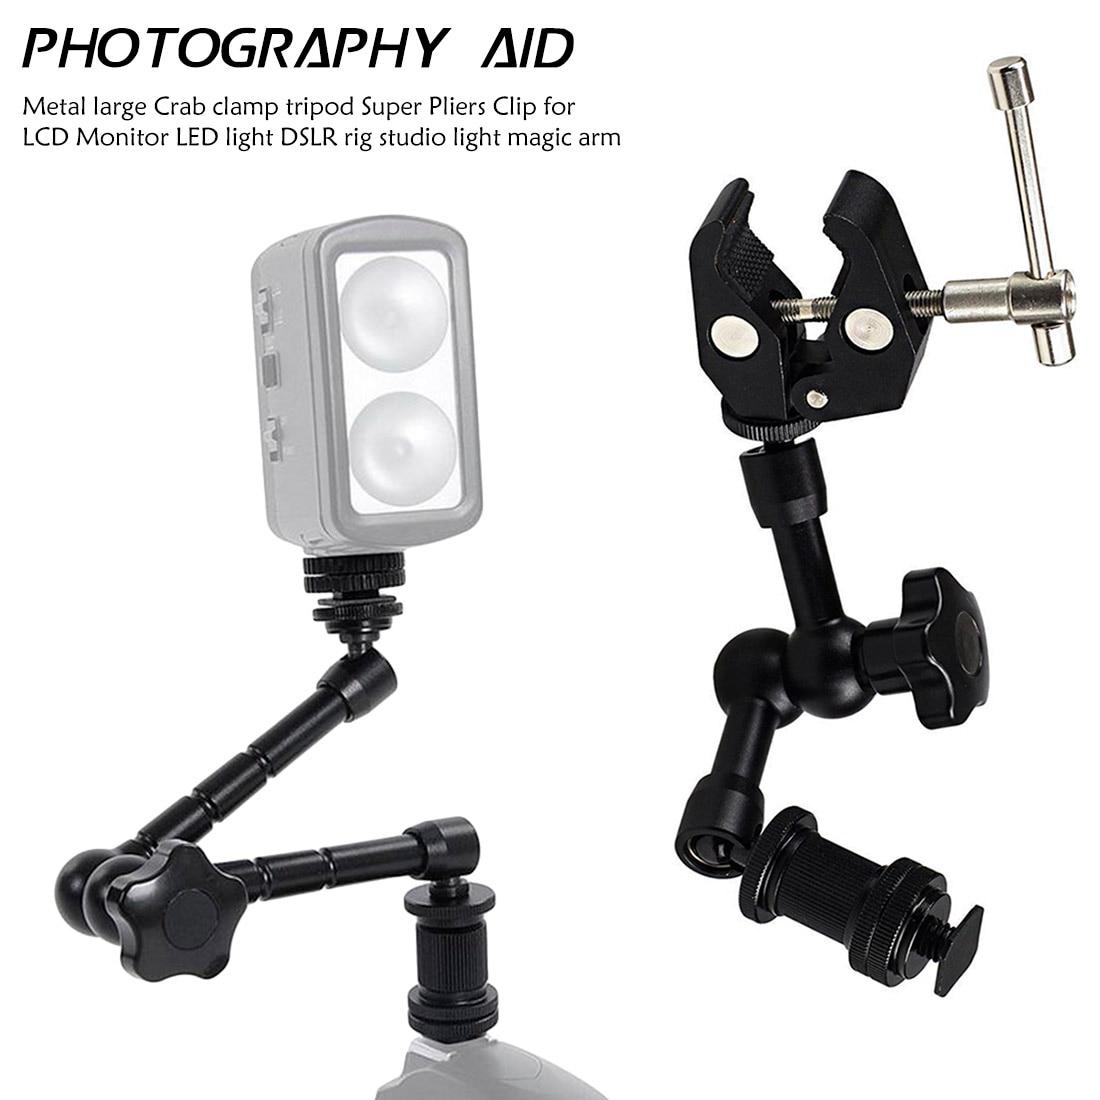 Centechia Newset 11 дюймов Регулируемый фрикционный Шарнирный Рычаг/Супер Зажим для DSLR монитора аксессуары для светодиодной камеры|Аксессуары для фотостудии|   | АлиЭкспресс